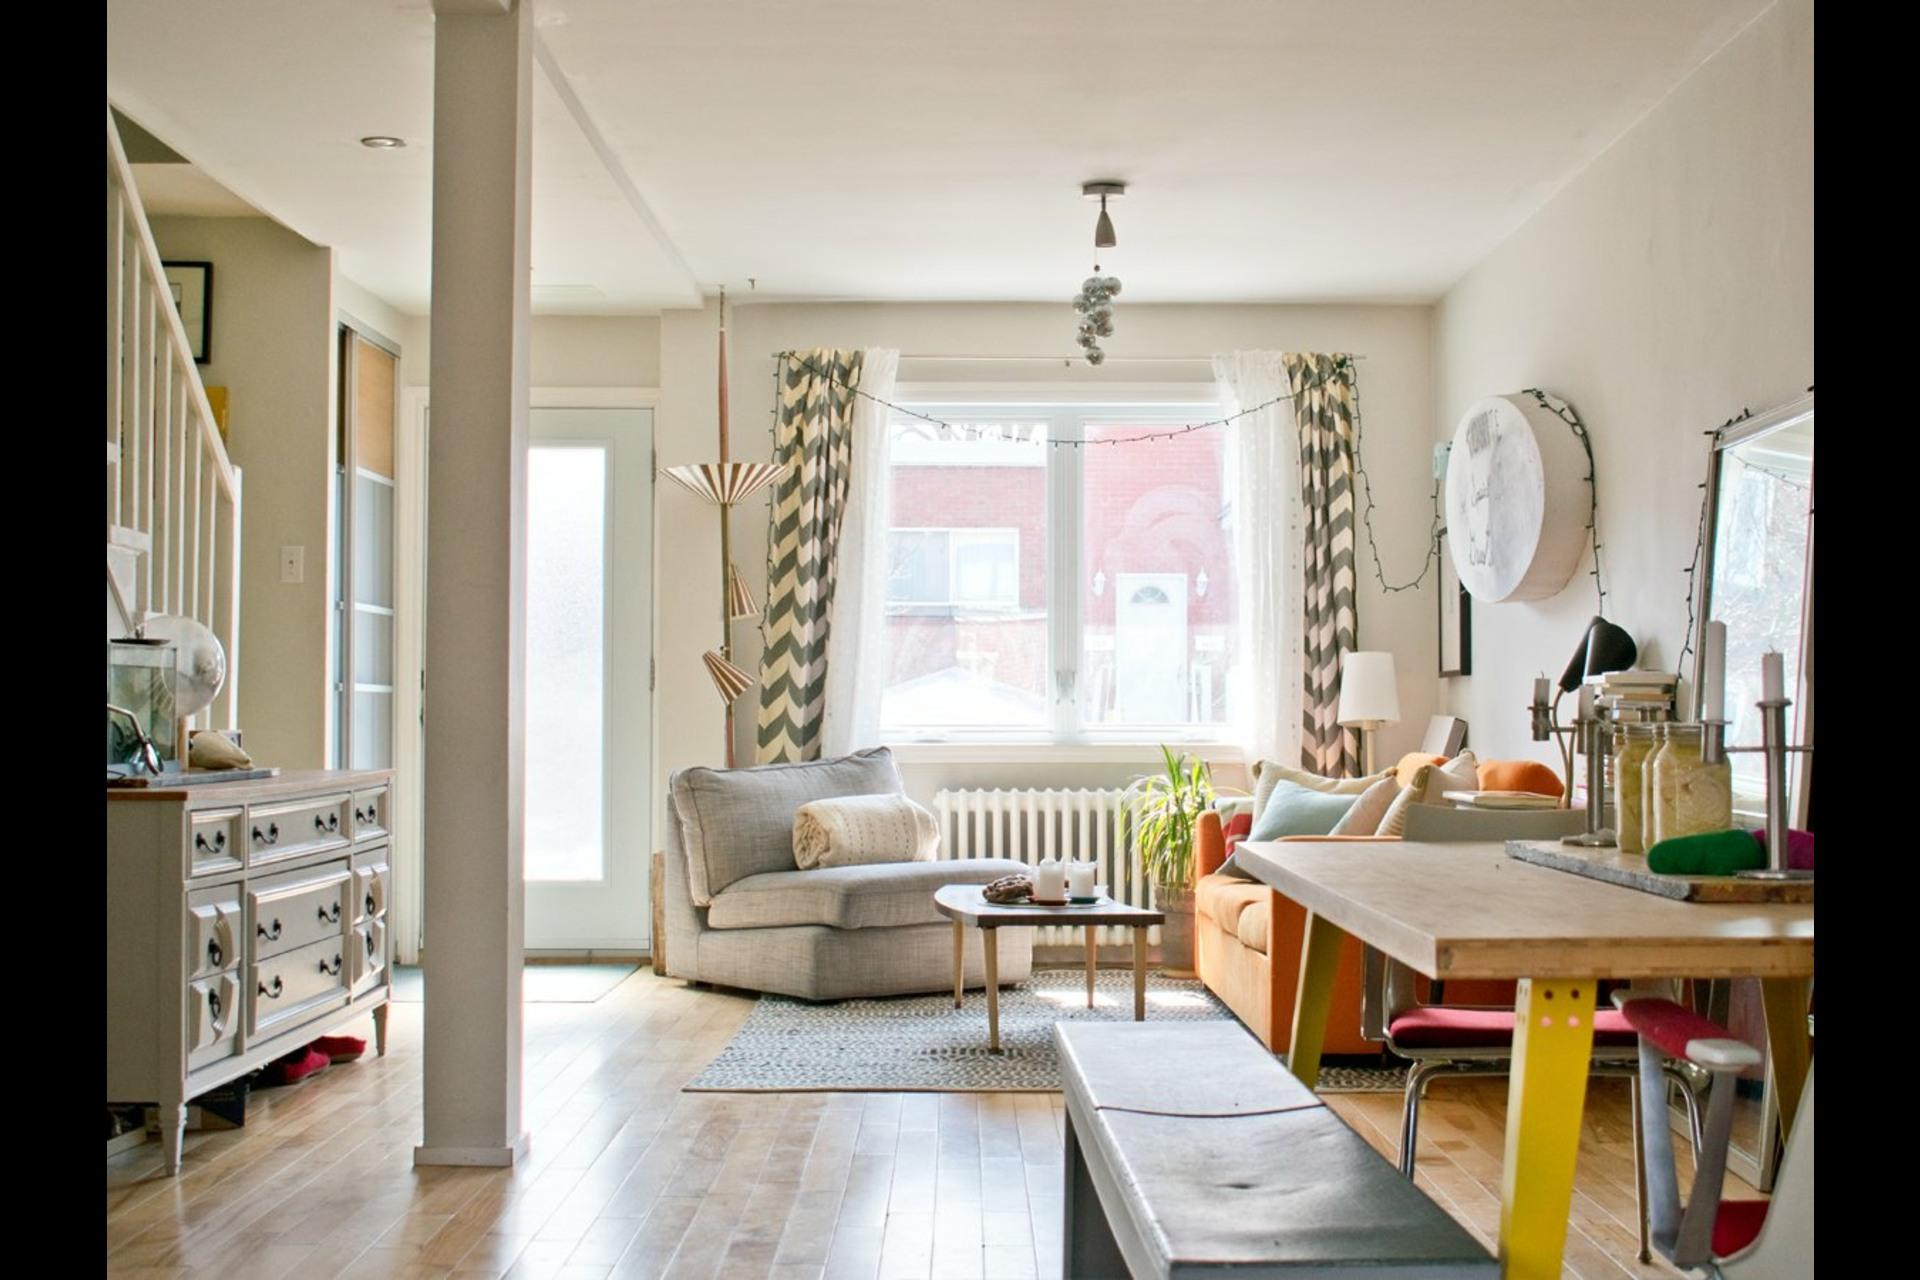 image 10 - House For sale Villeray/Saint-Michel/Parc-Extension Montréal  - 9 rooms